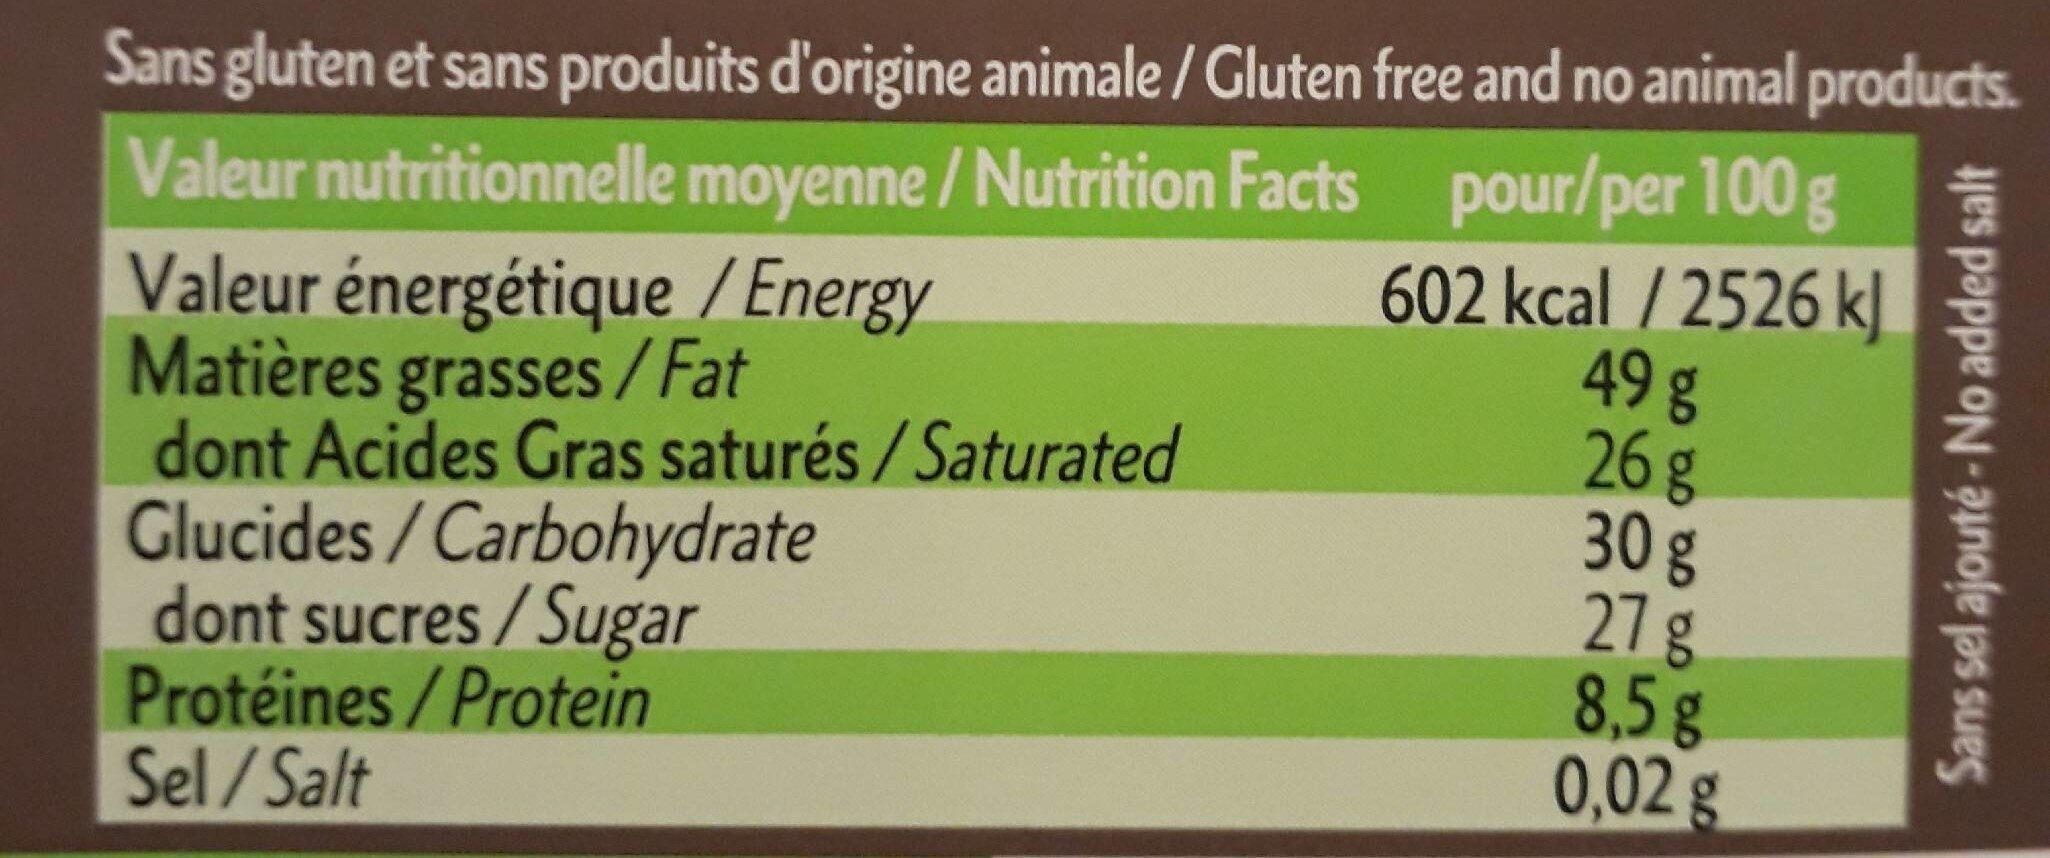 Chocolat Lait 100% Vegetal - Nutrition facts - fr